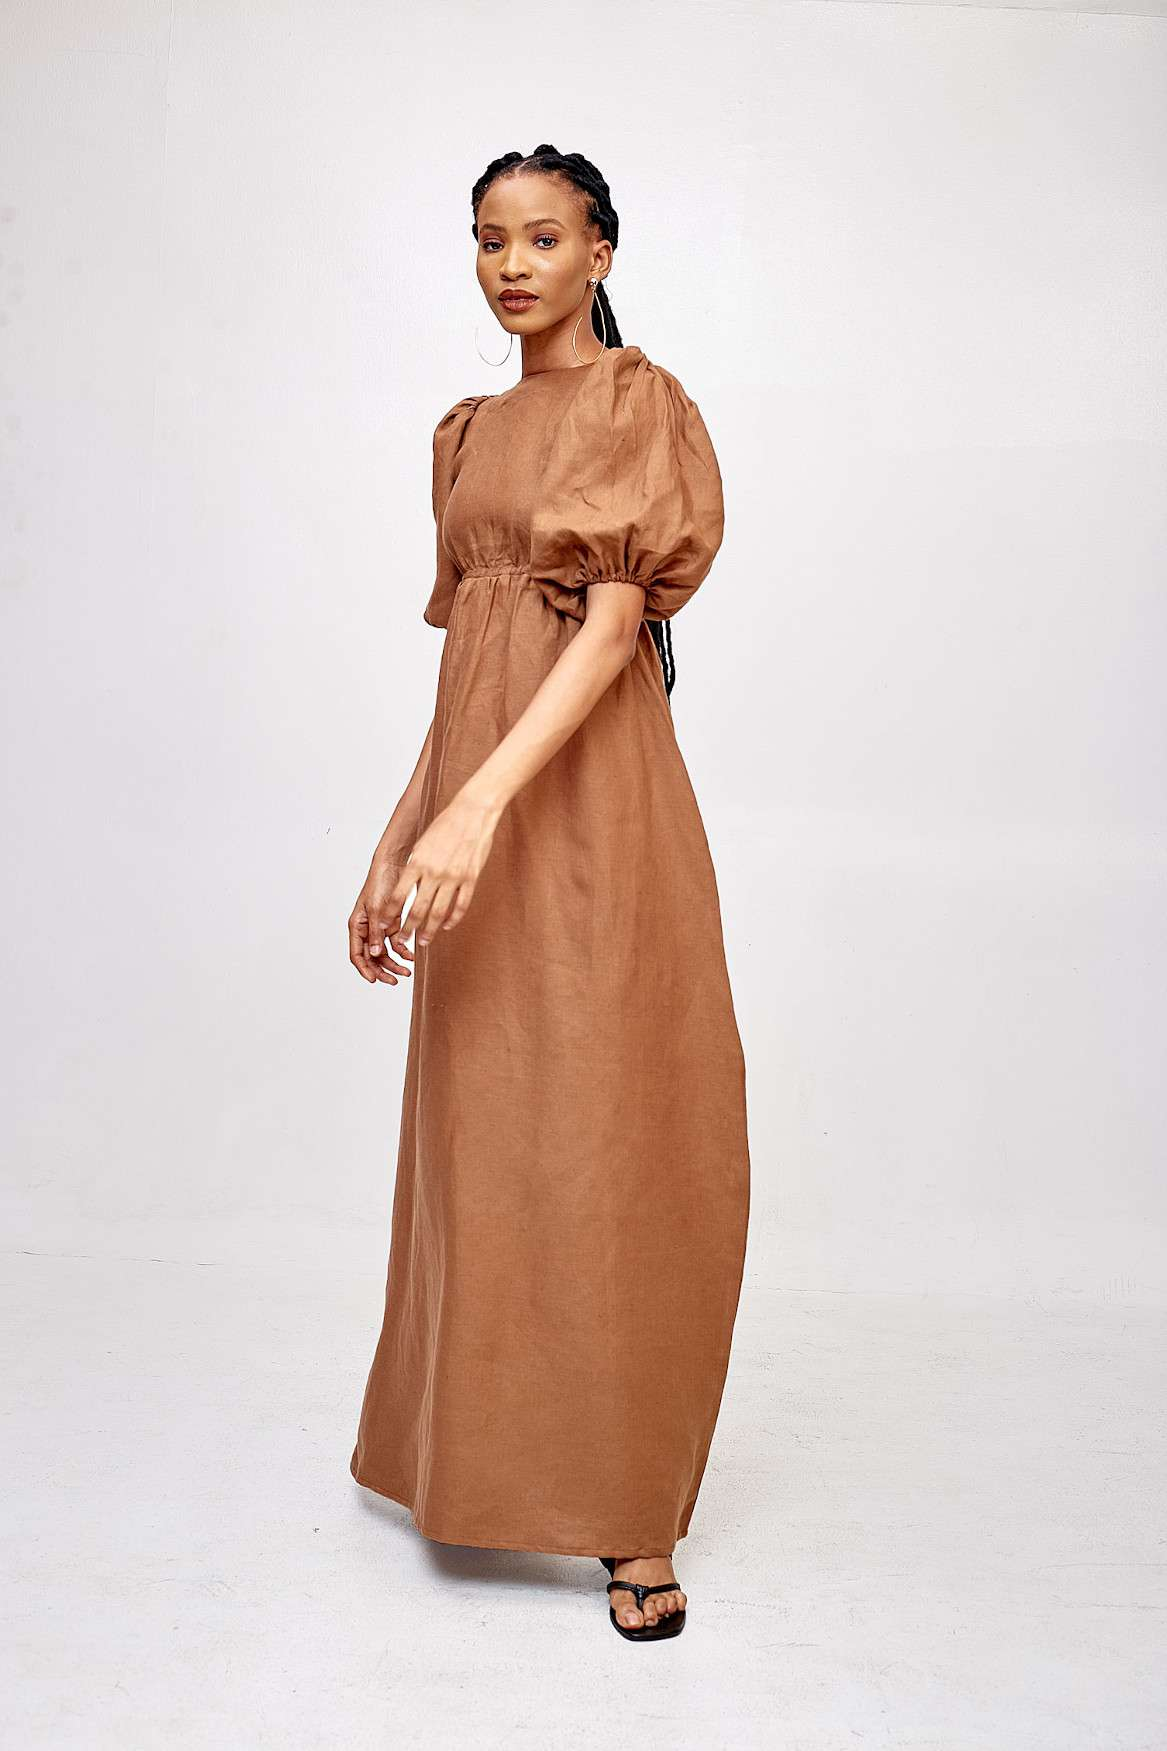 Míe Gozo Dress $265